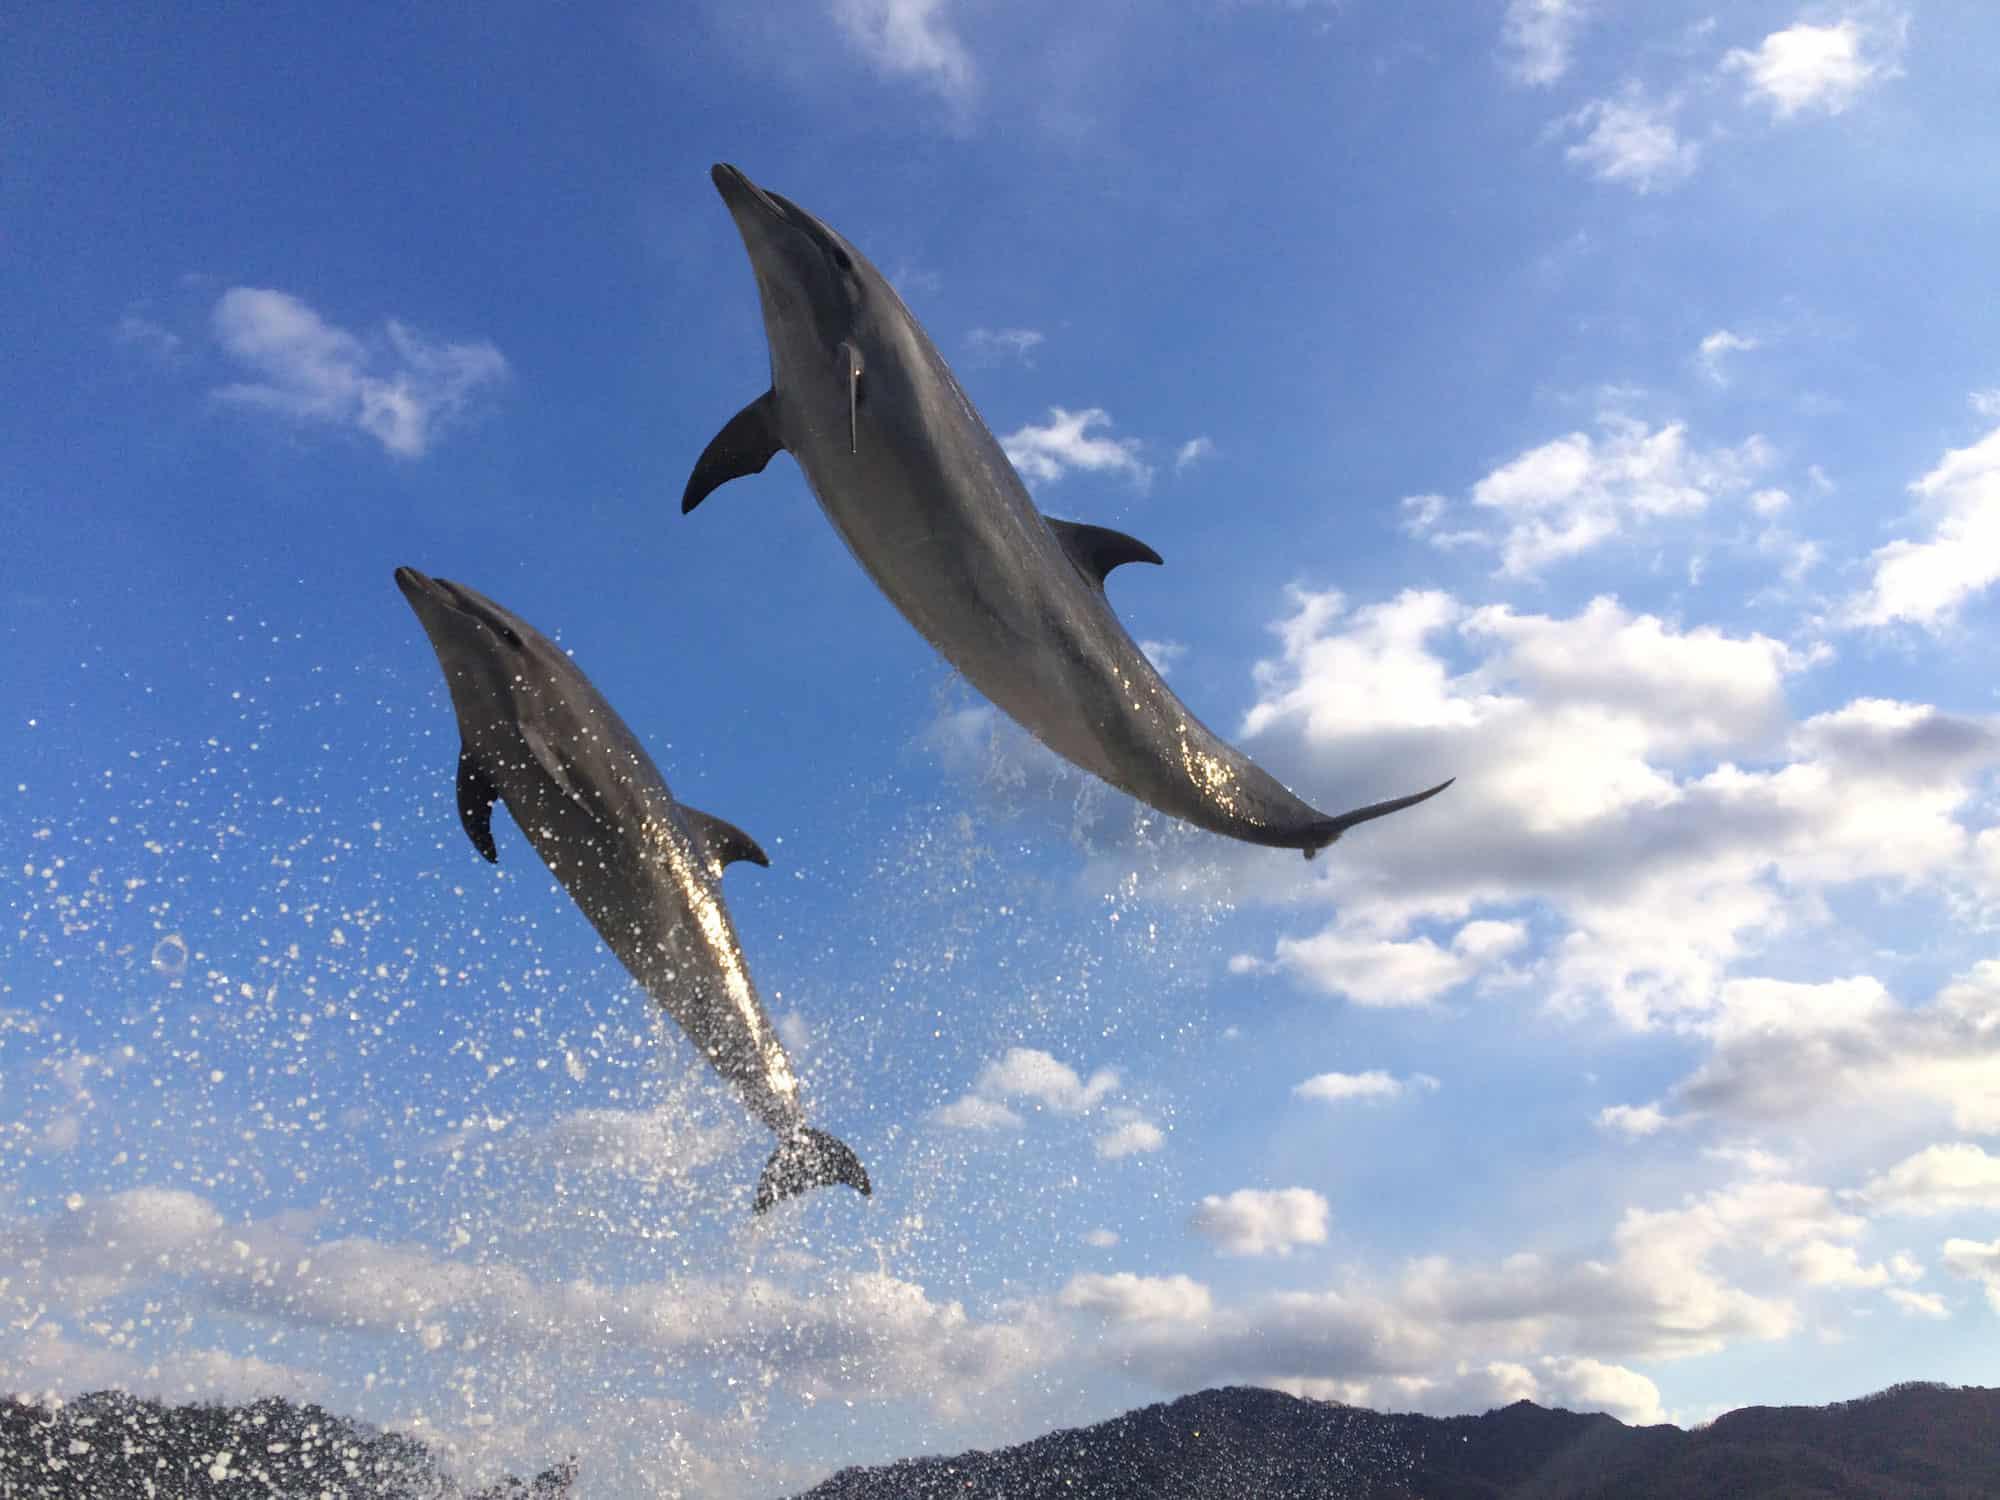 โลมาในศูนย์ฝึกปลาโลมา (Japan Dolphin Center) จังหวัดคางาวะ (kagawa)